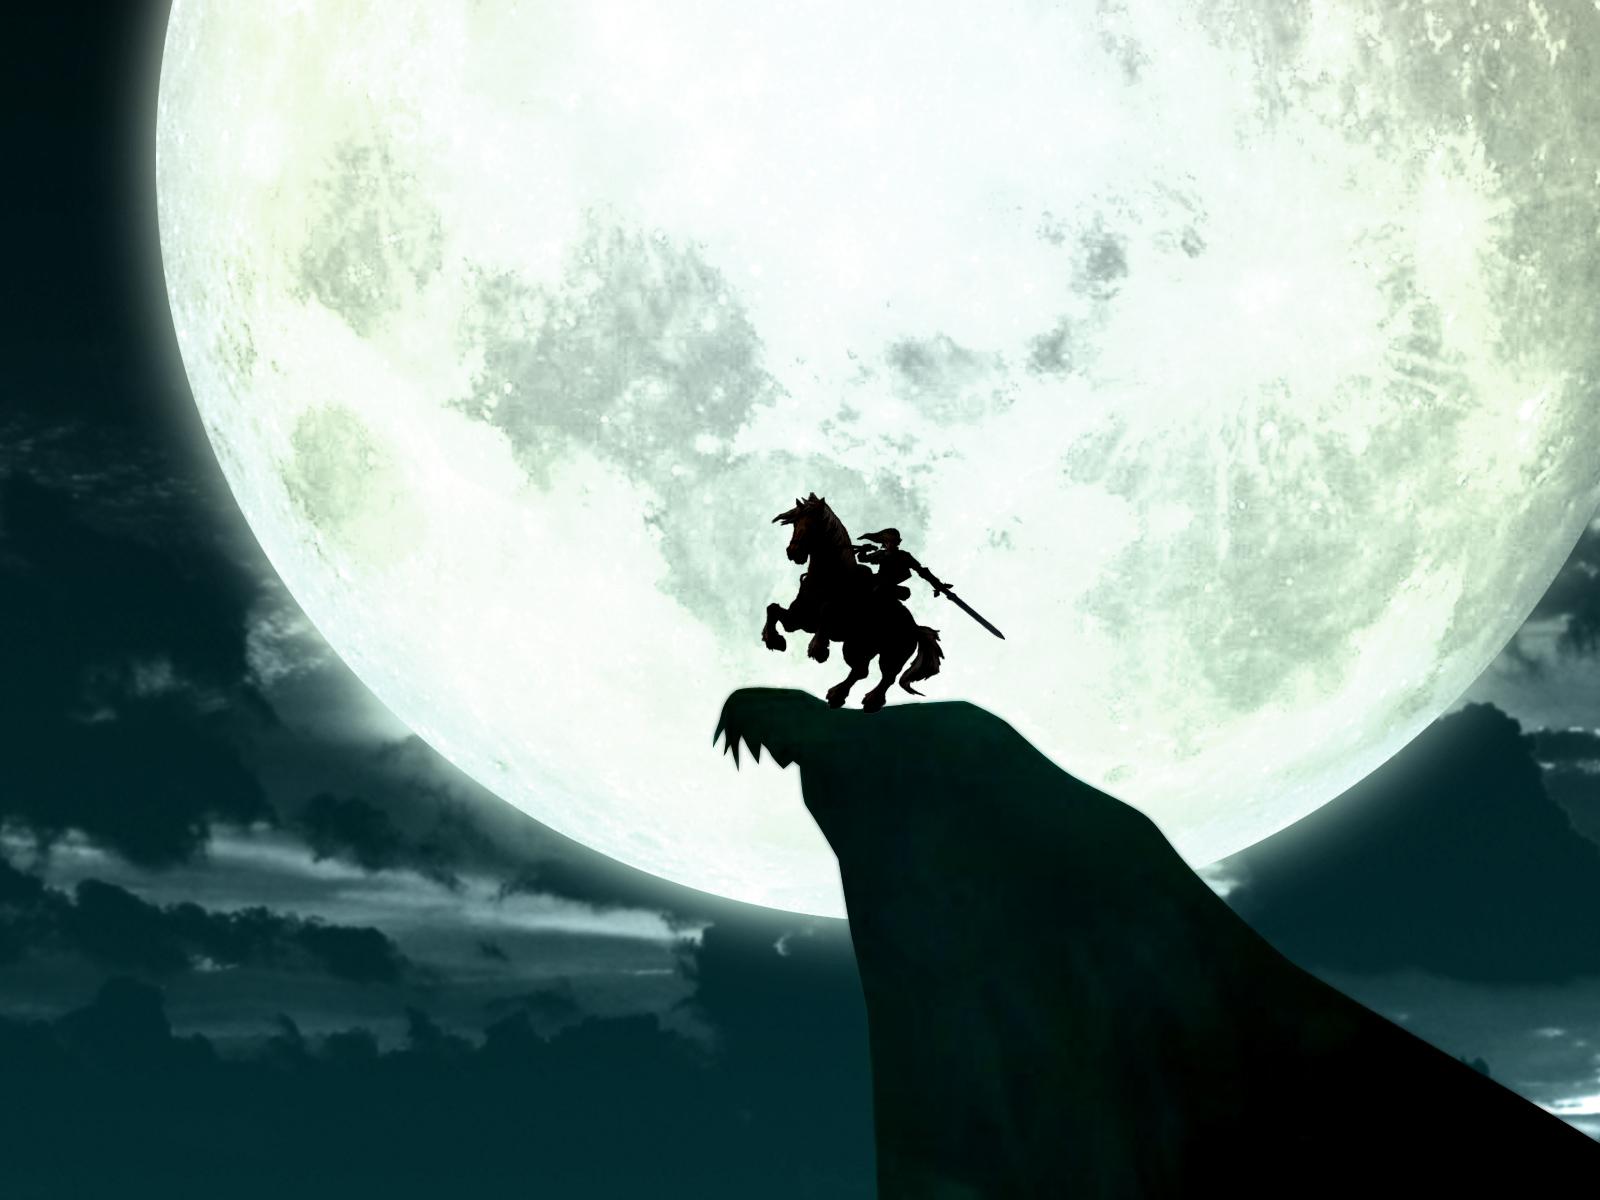 Link - The Legend Of Zelda Res: 1600x1200 / Size:612kb. Views: 29441